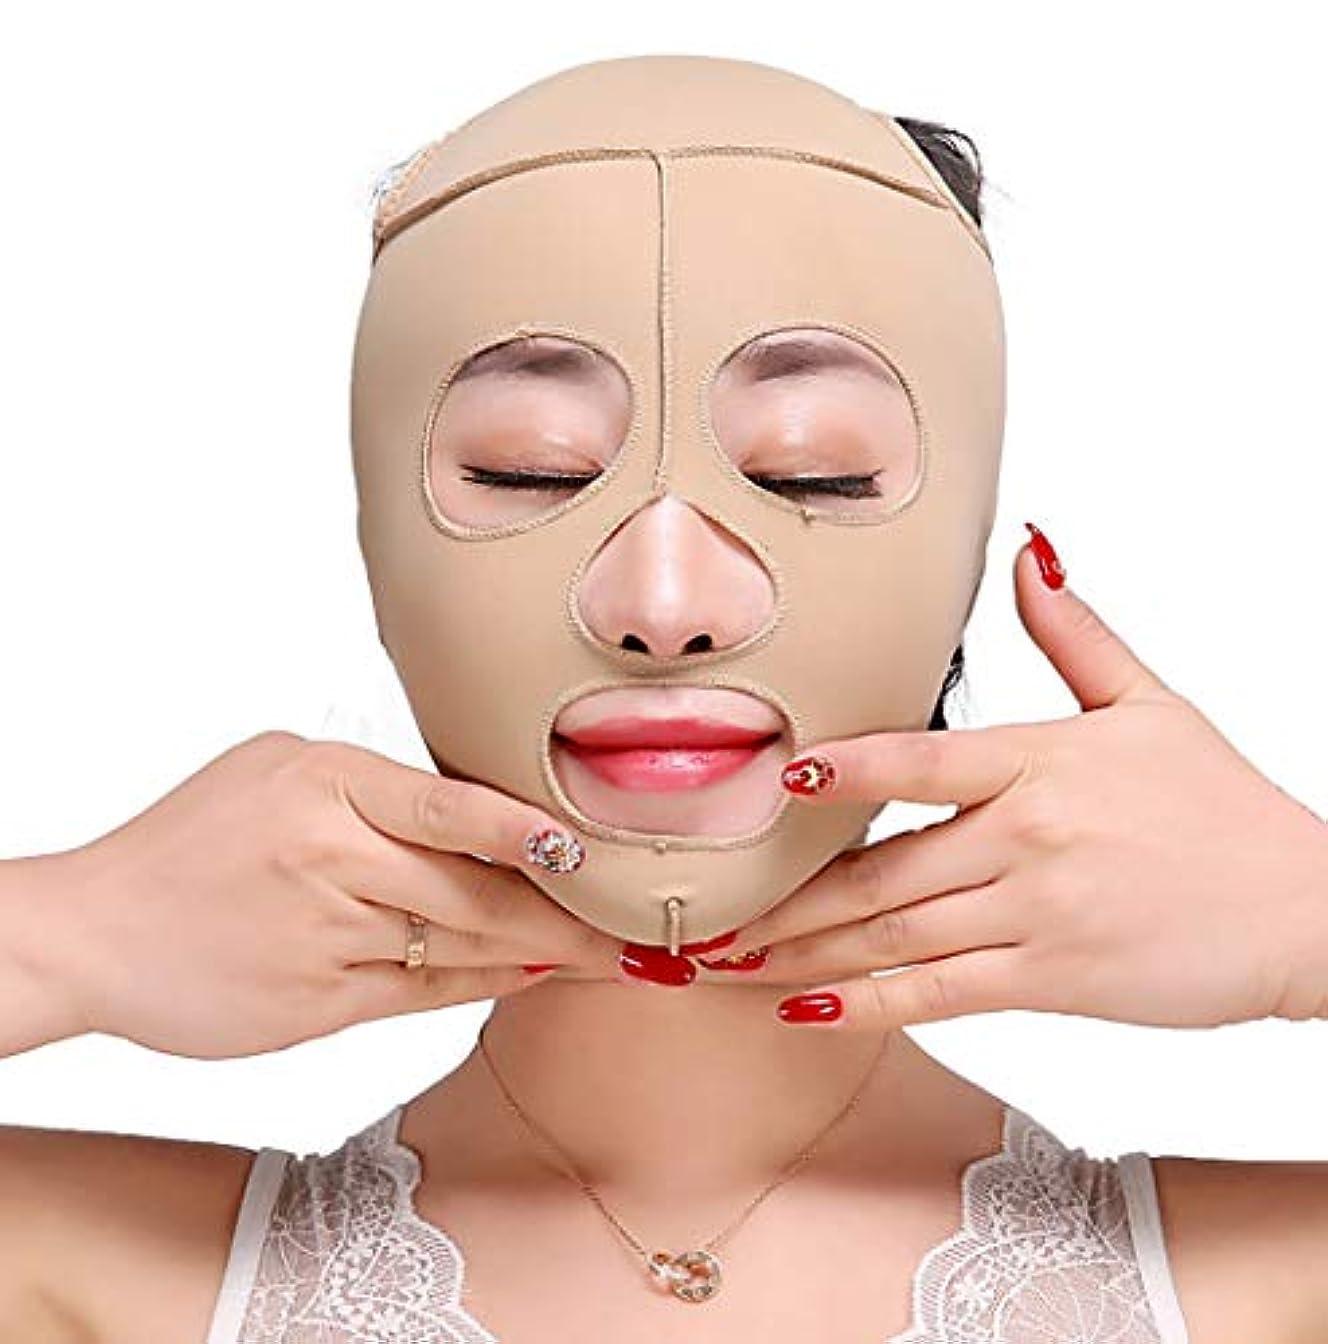 退却パンアラビア語GLJJQMY 痩身ベルト痩身ベルト薄い顔の包帯小V顔の顔の薄い顔のマスク包帯の強化引き締めV顔美容マスク小さな顔の包帯の頭飾り修正顔の形 顔用整形マスク (Size : M)